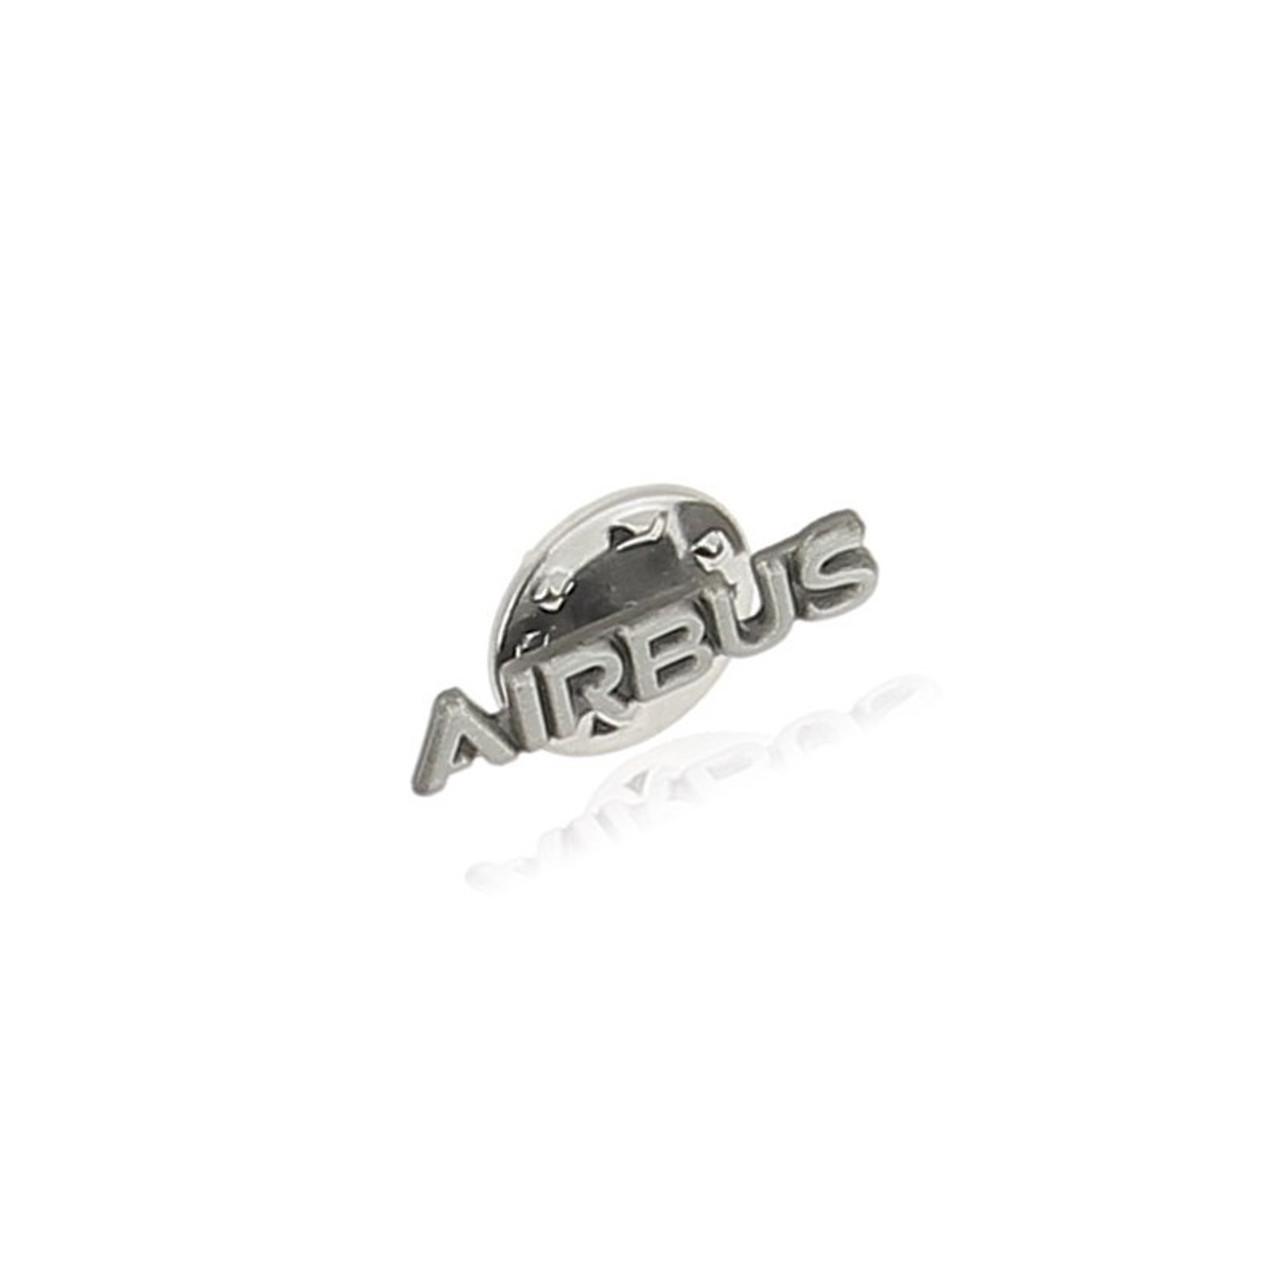 Airbus Pin